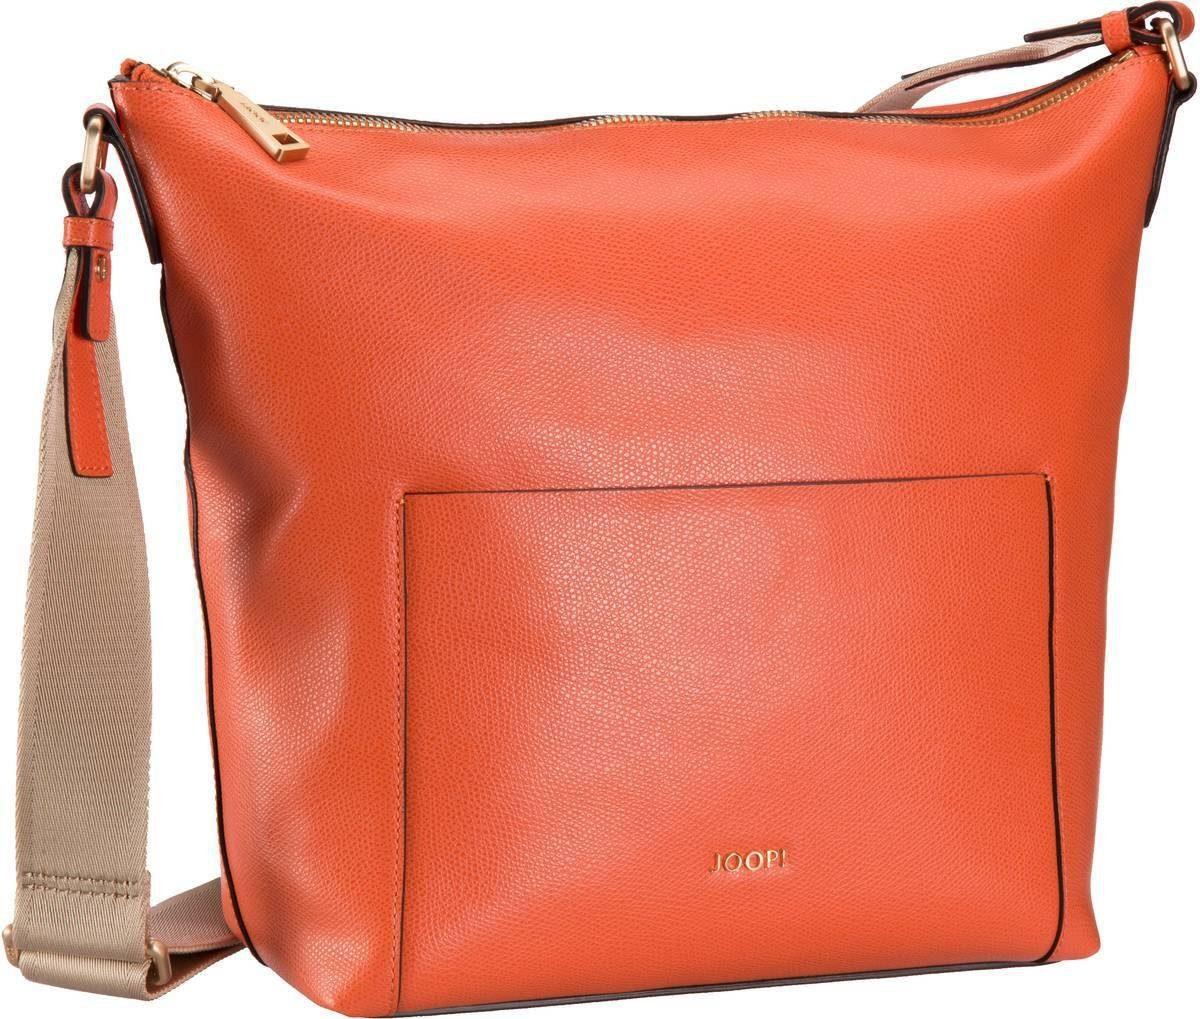 Joop Kassandra Grano Shoulder Bag Large